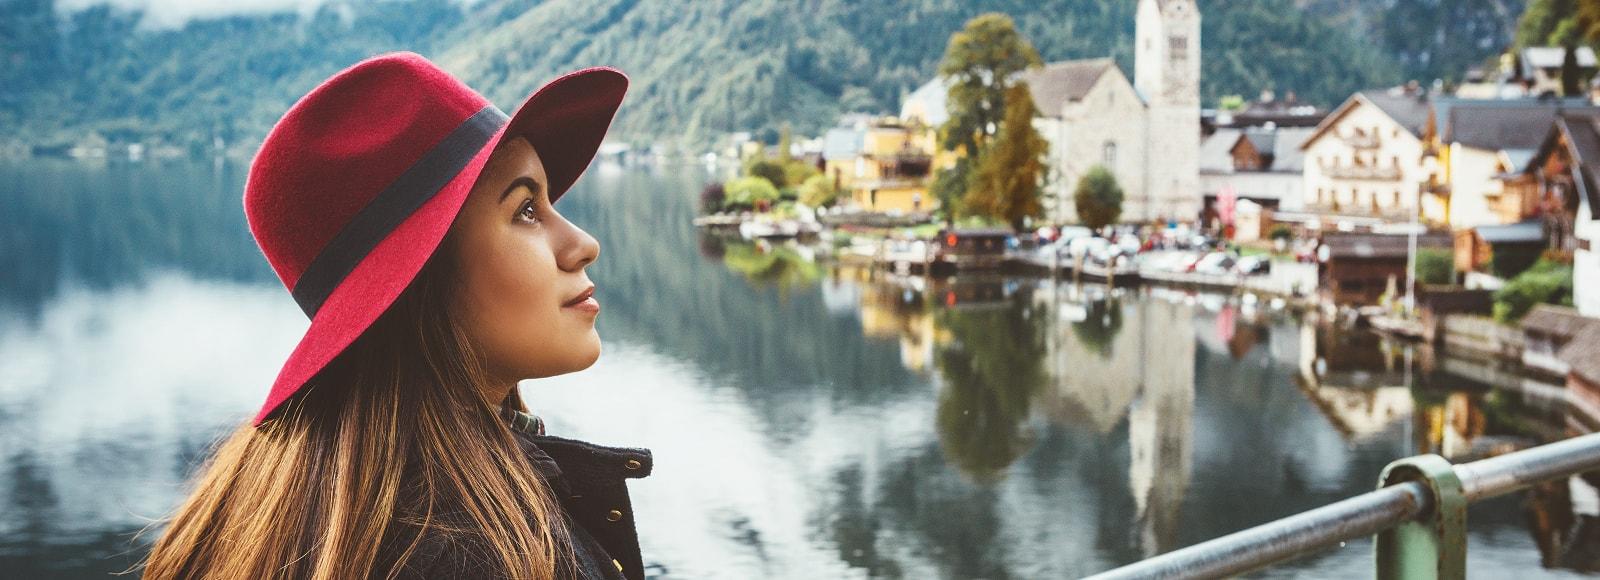 Herbsturlaub 2018 Ziele Für Schnäppchen Checker Checkfelix